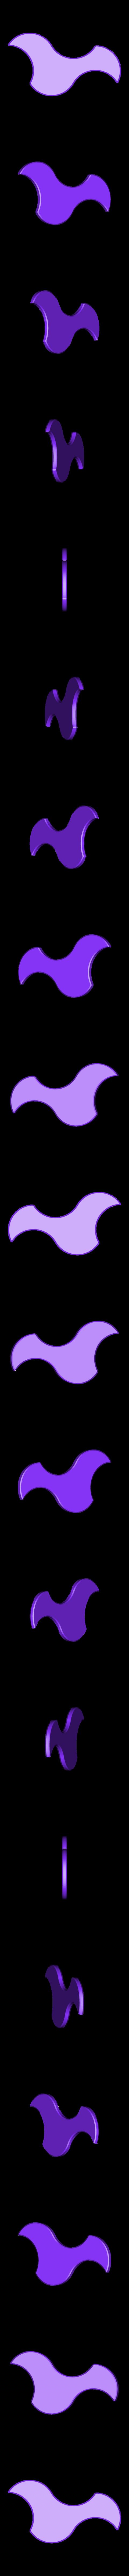 Solid.stl Download free STL file Simple Tessellation • 3D printer model, LGBU